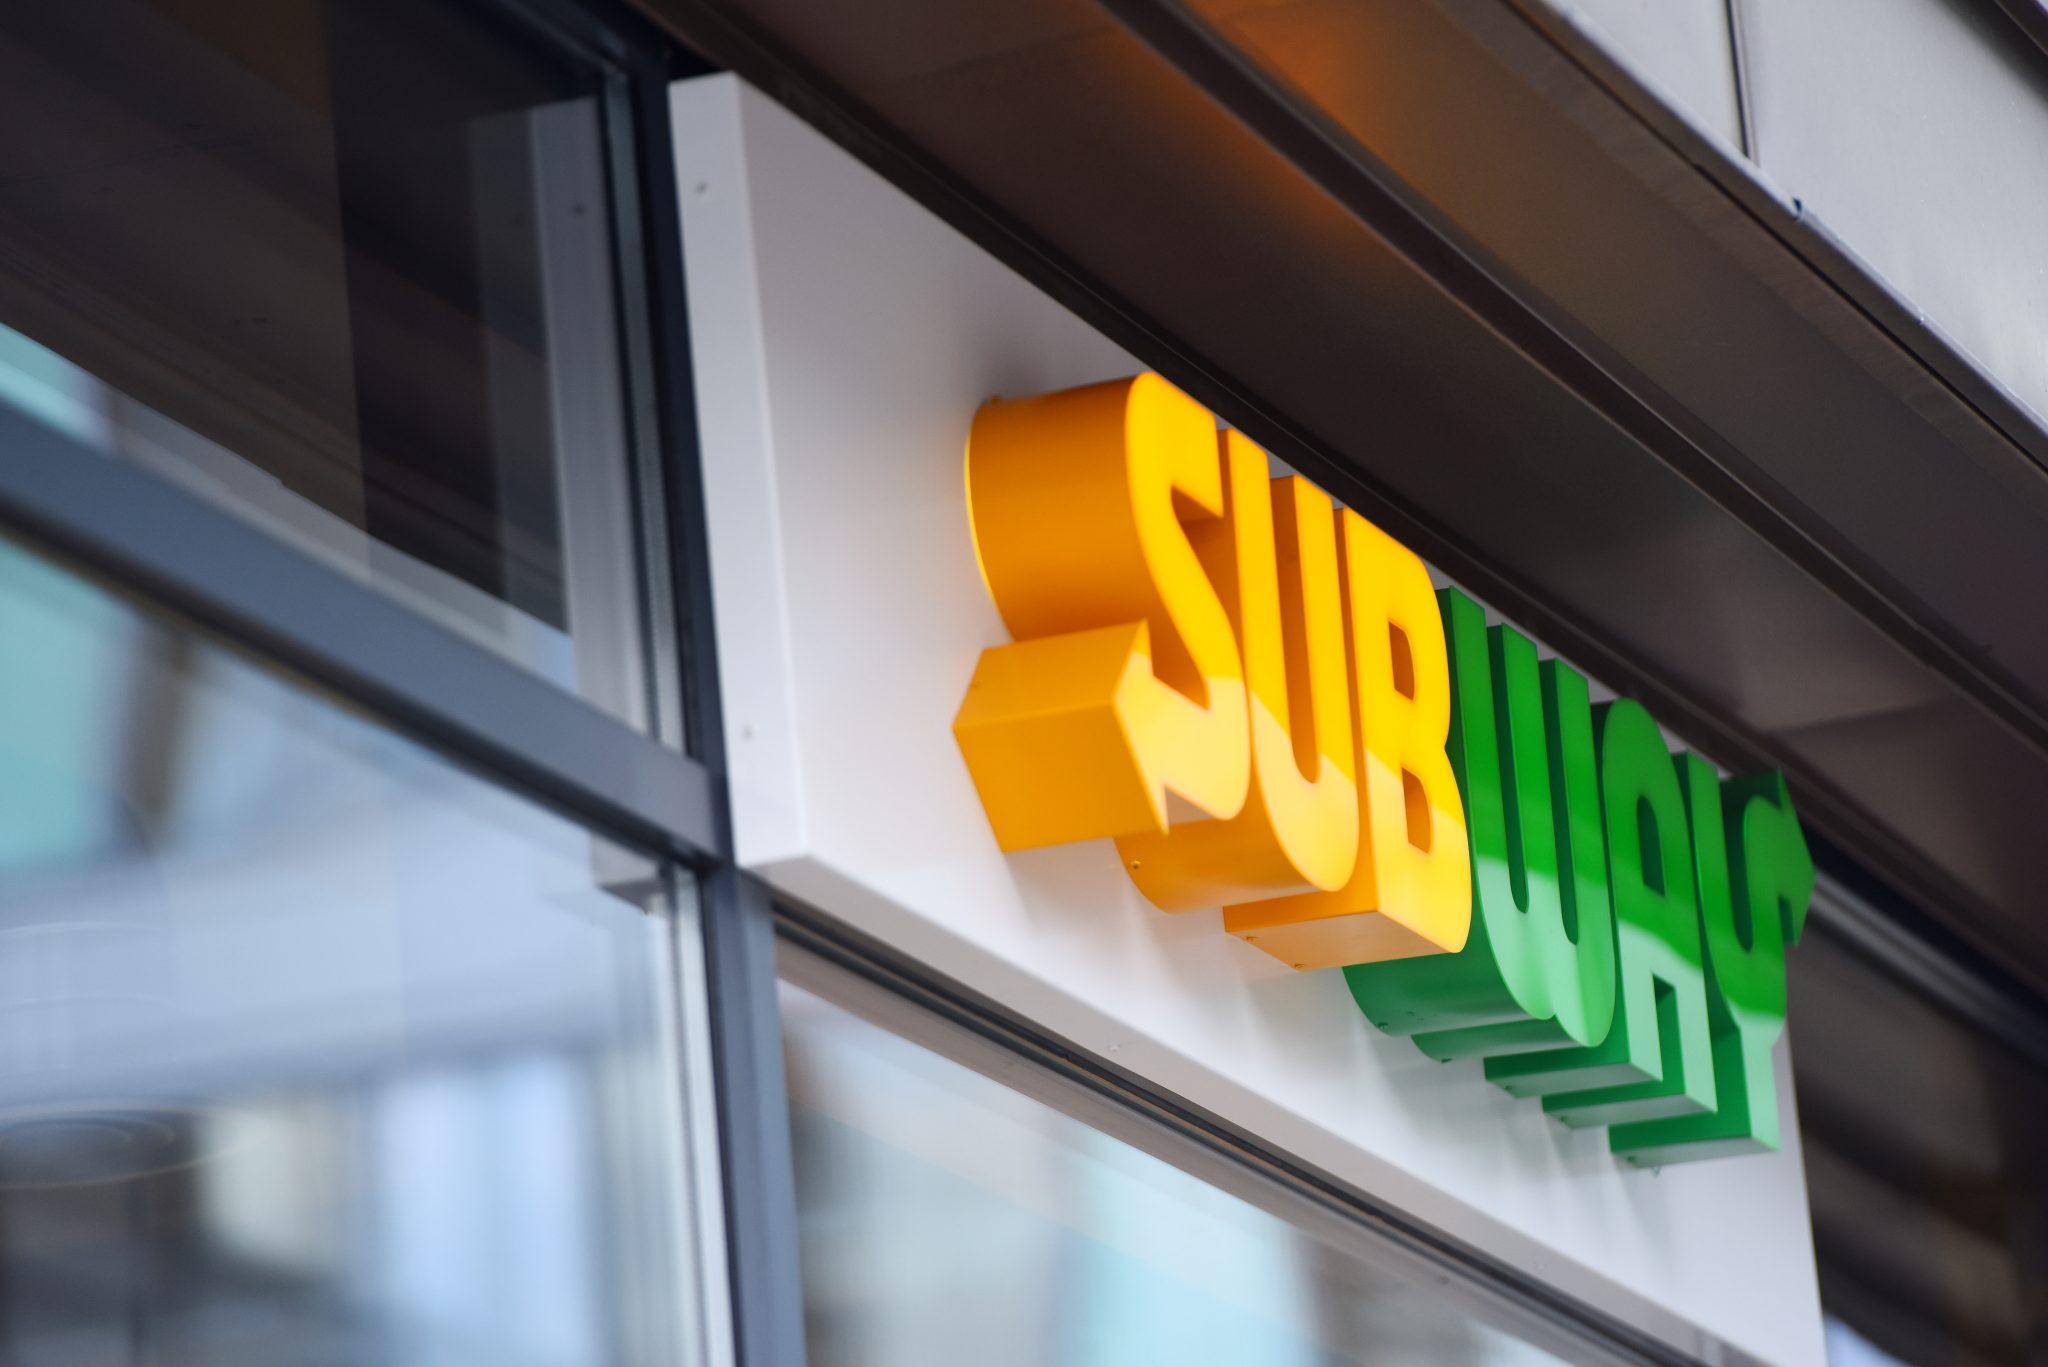 A_Subway_Keynsham_70